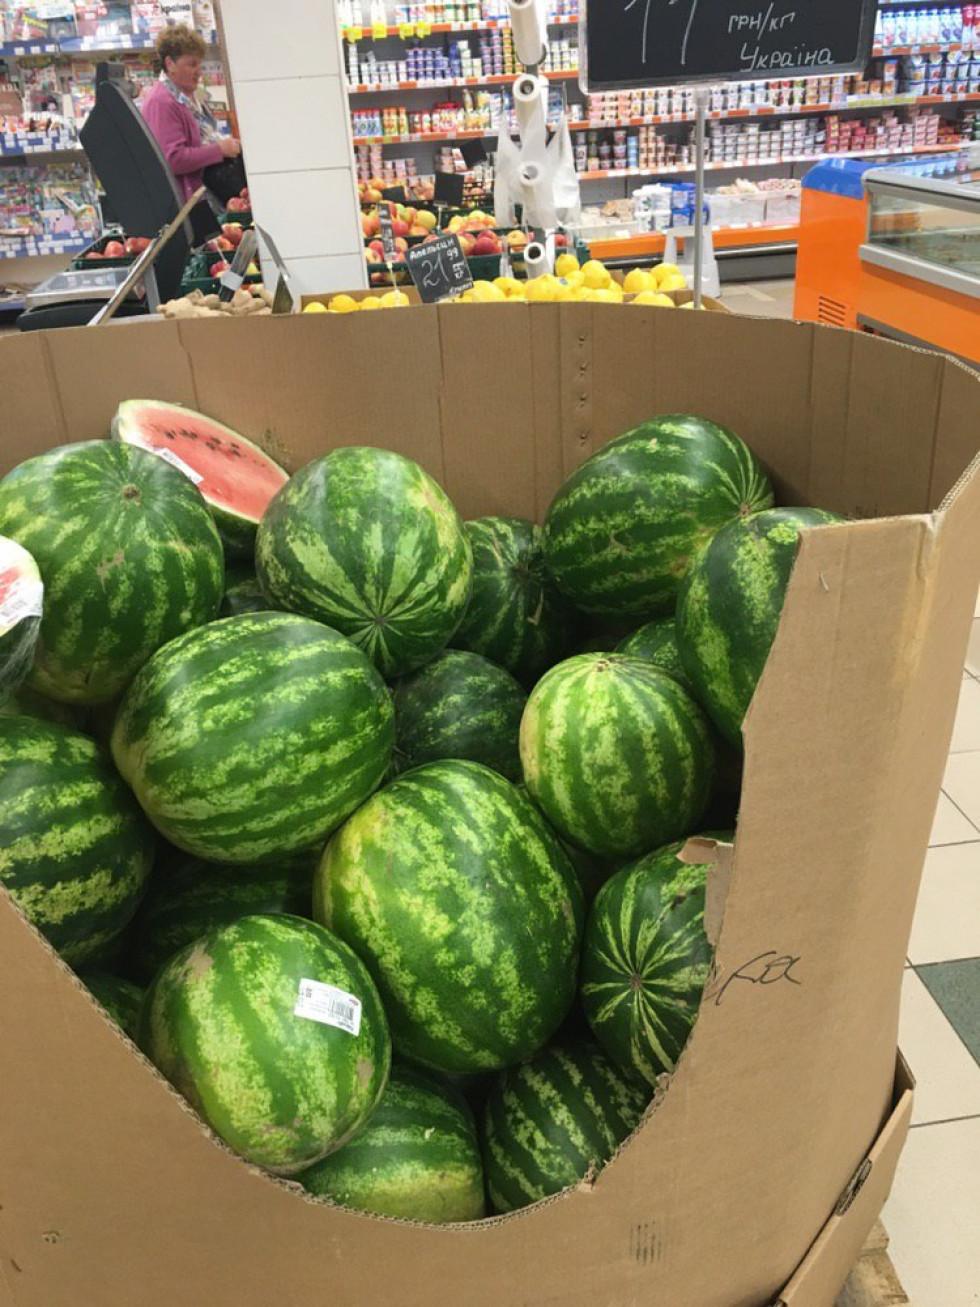 кавуни у супермаркеті «Сільпо»